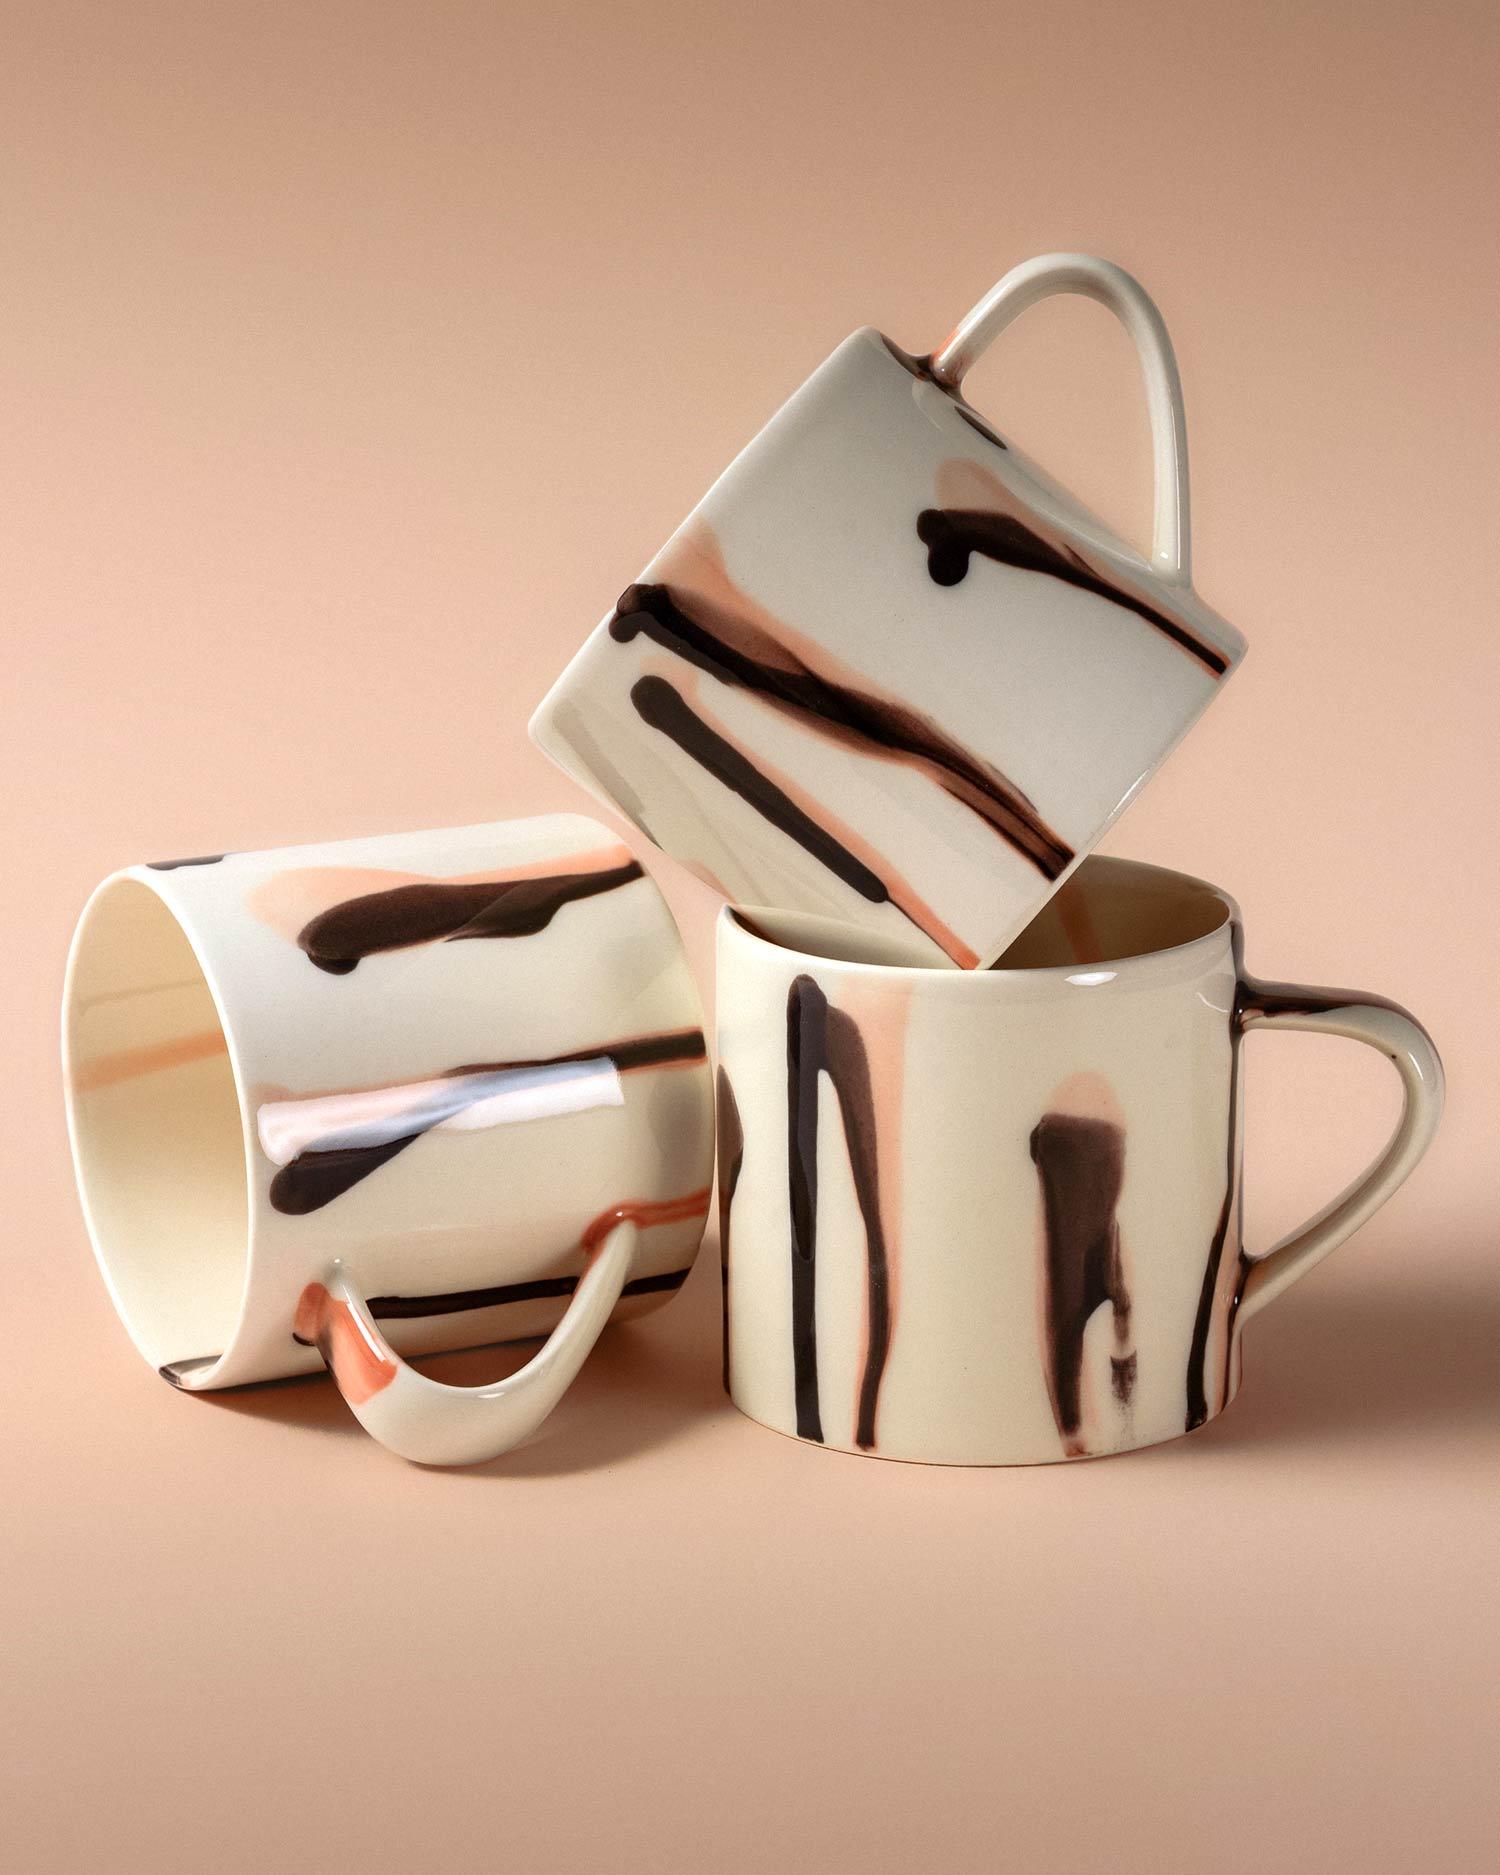 kerfuffle-coffee-cup-2-pp.jpg